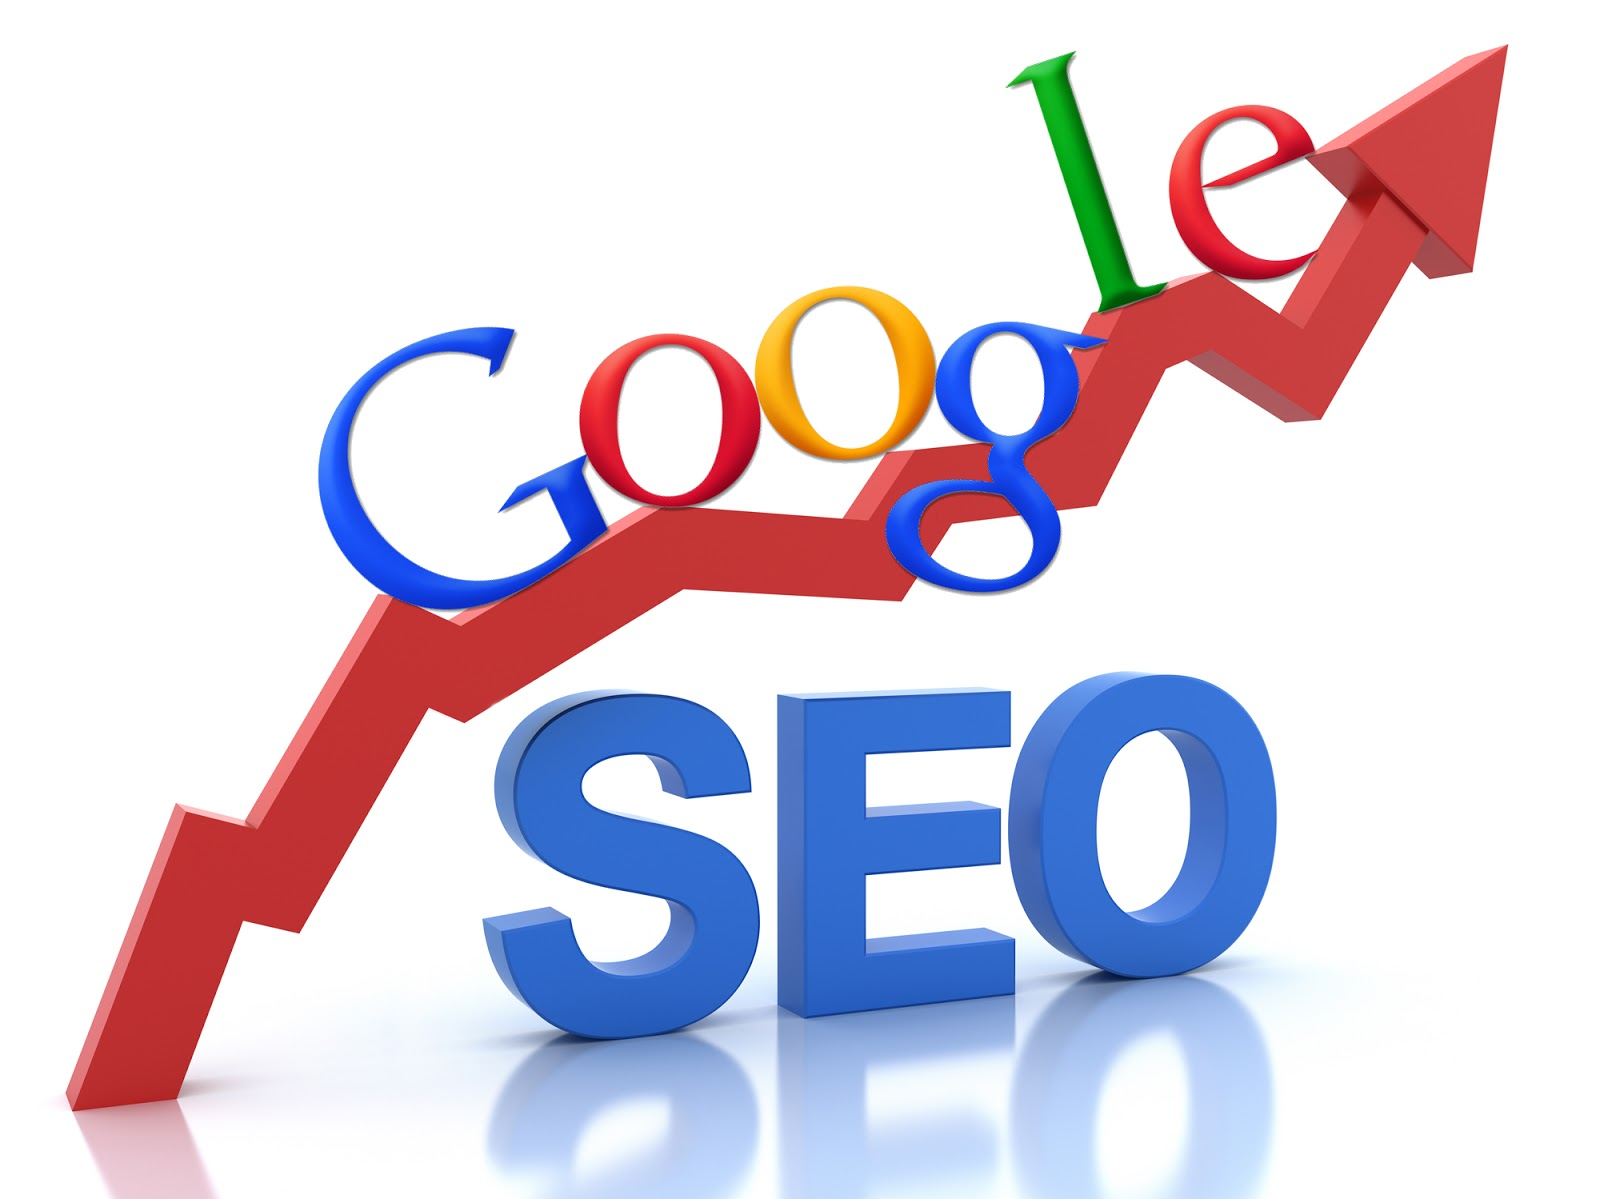 Dịch vụ SEO giúp quảng bá website doanh nghiệp trên công cụ tìm kiếm